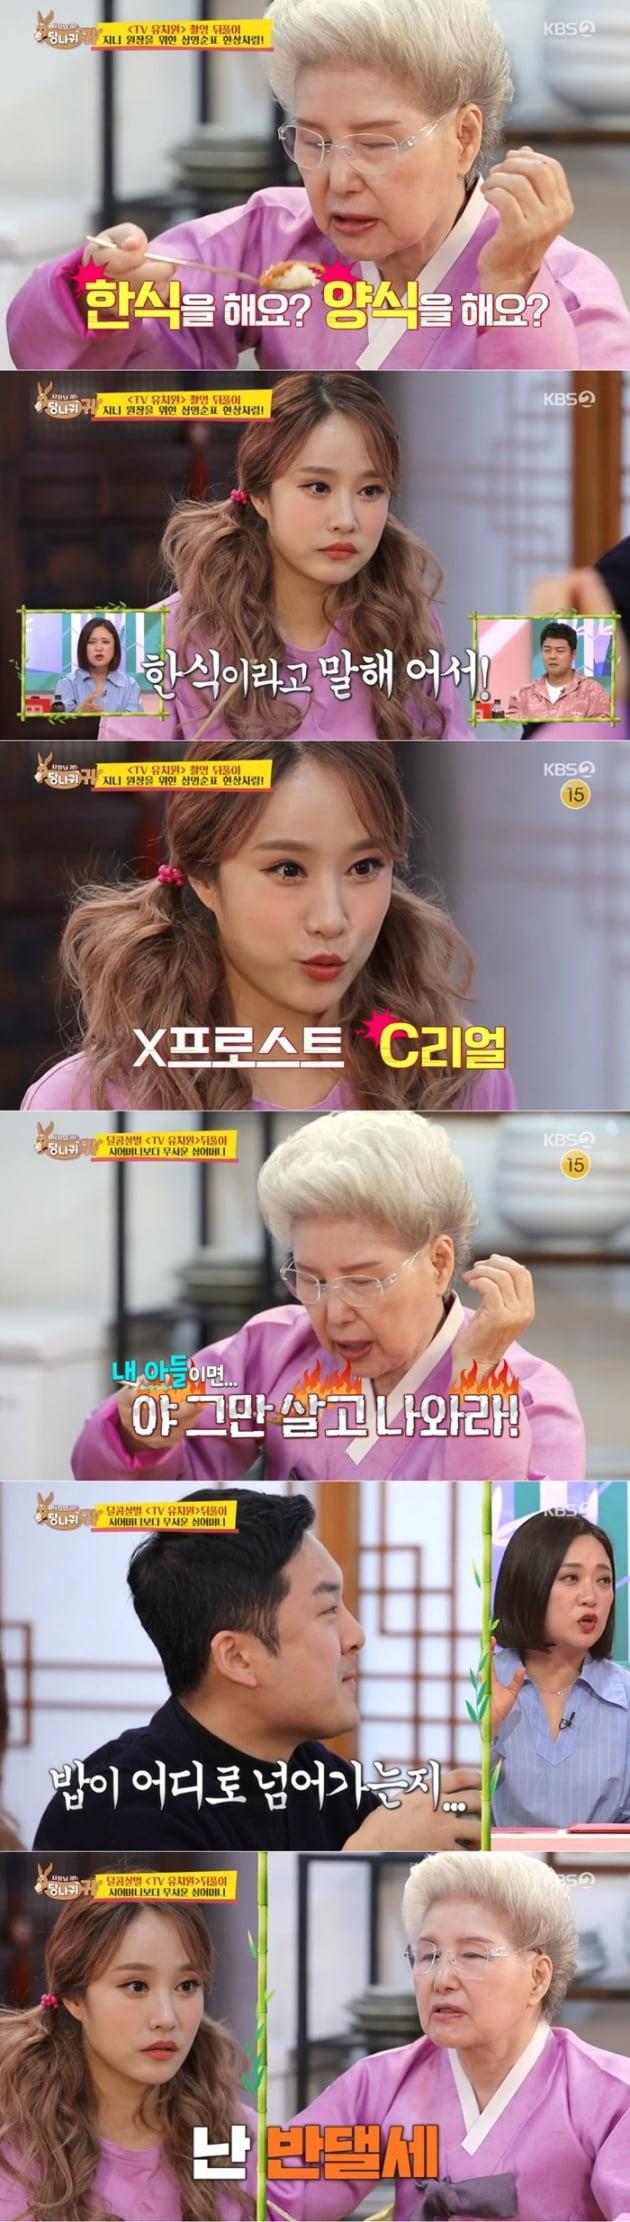 '사장님 귀는 당나귀 귀' 심영순 / 사진 = KBS 영상 캡처